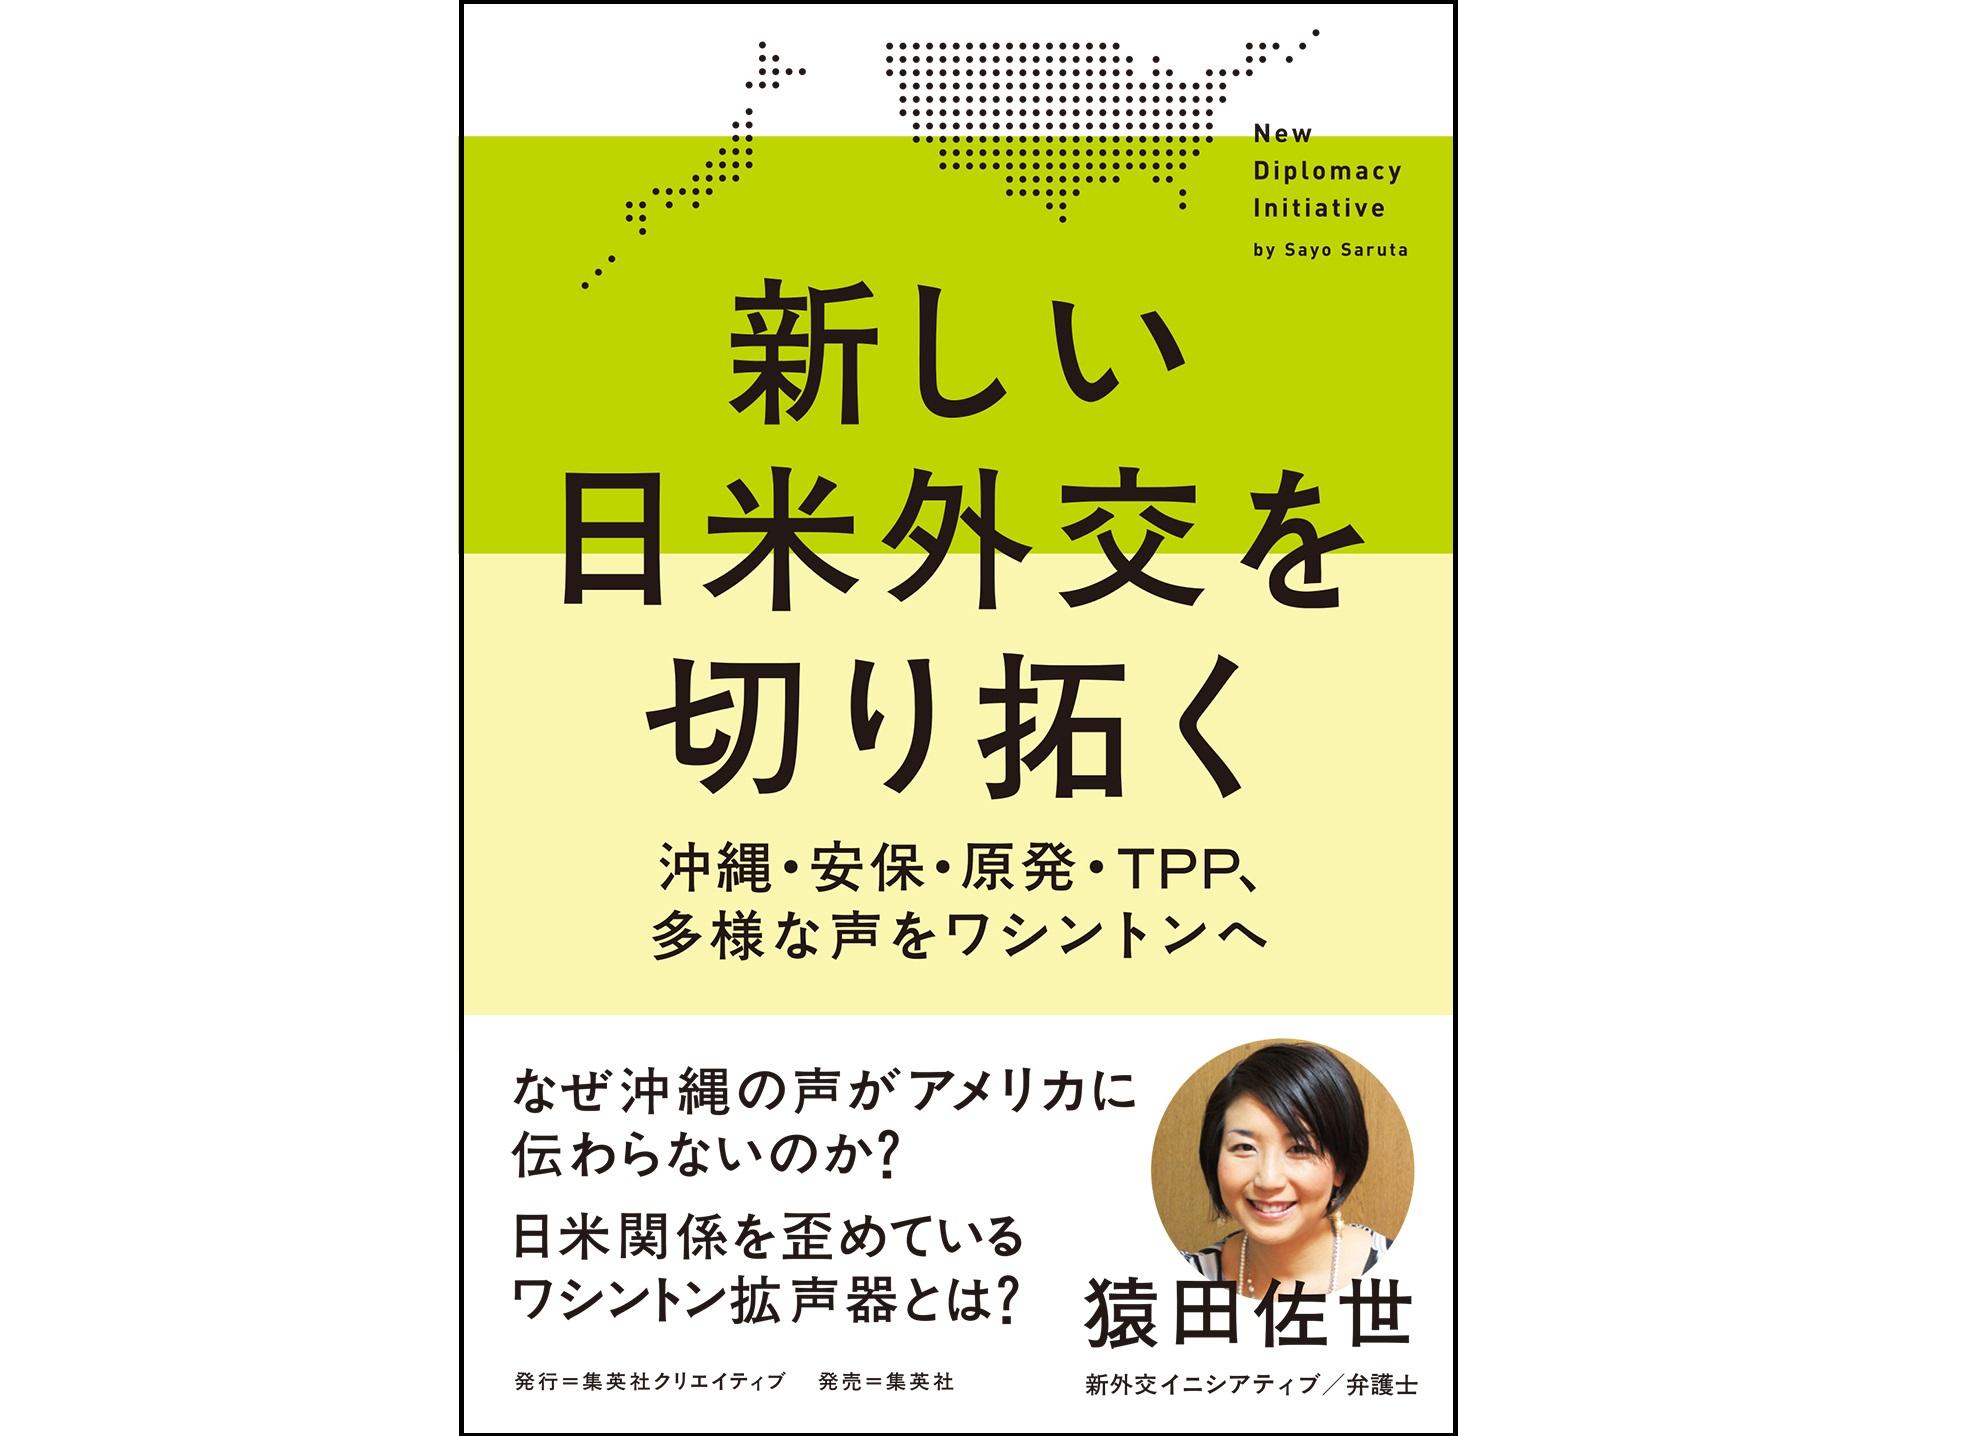 『新しい日米外交を切り拓く』 集英社